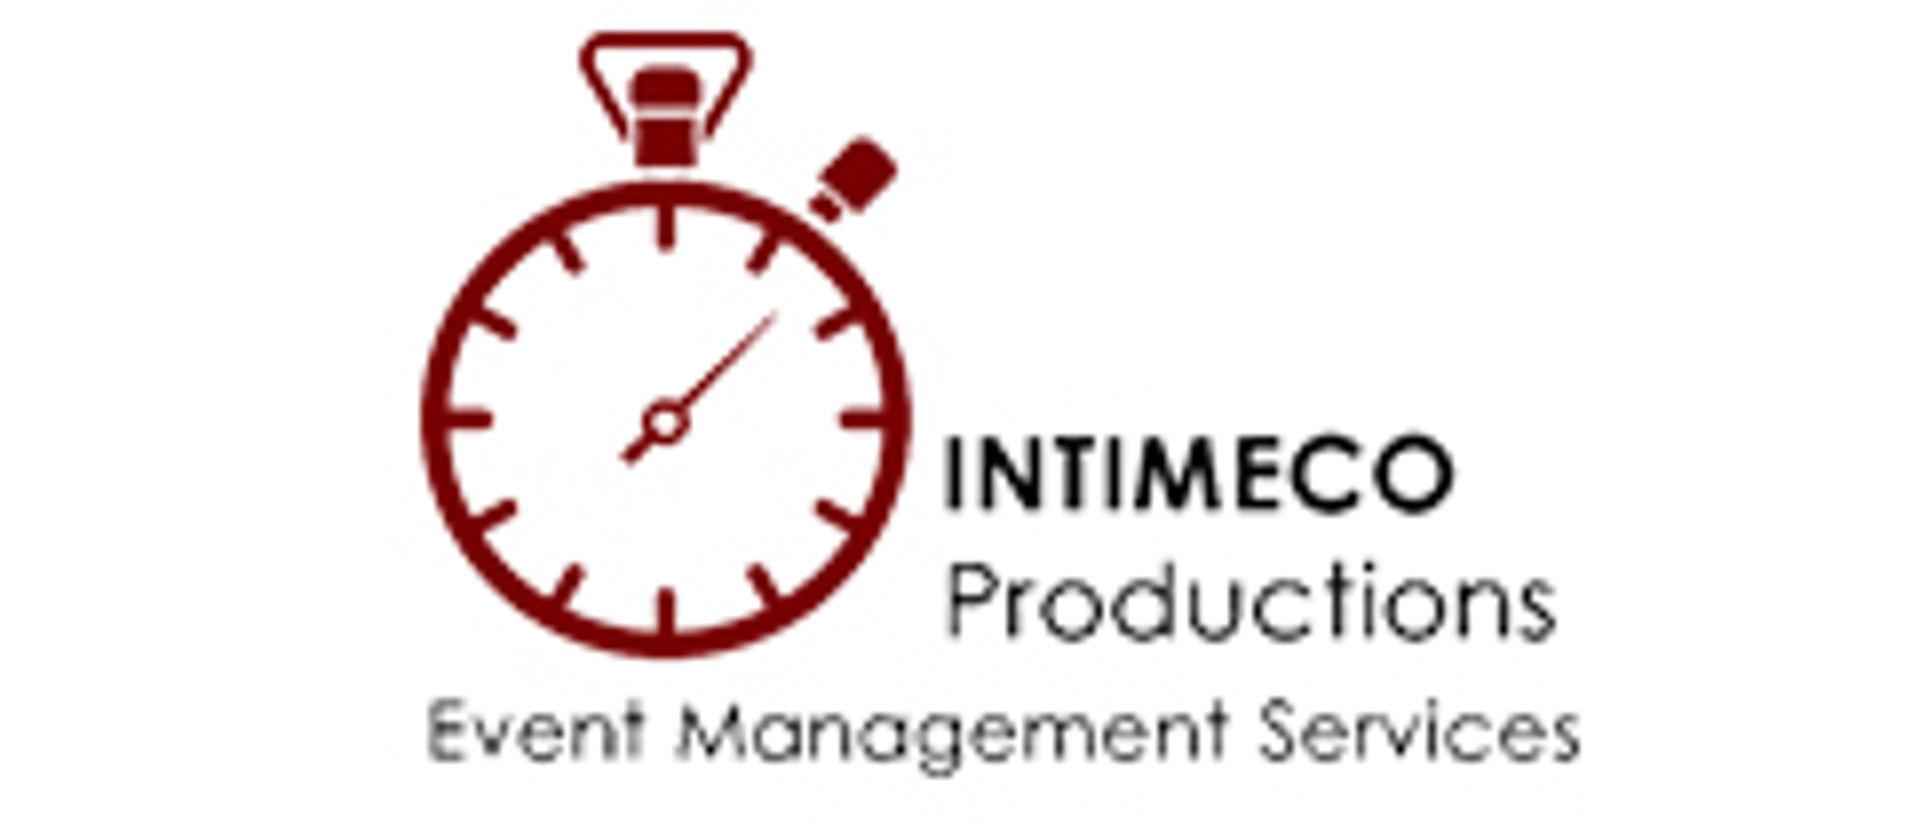 Intimeco